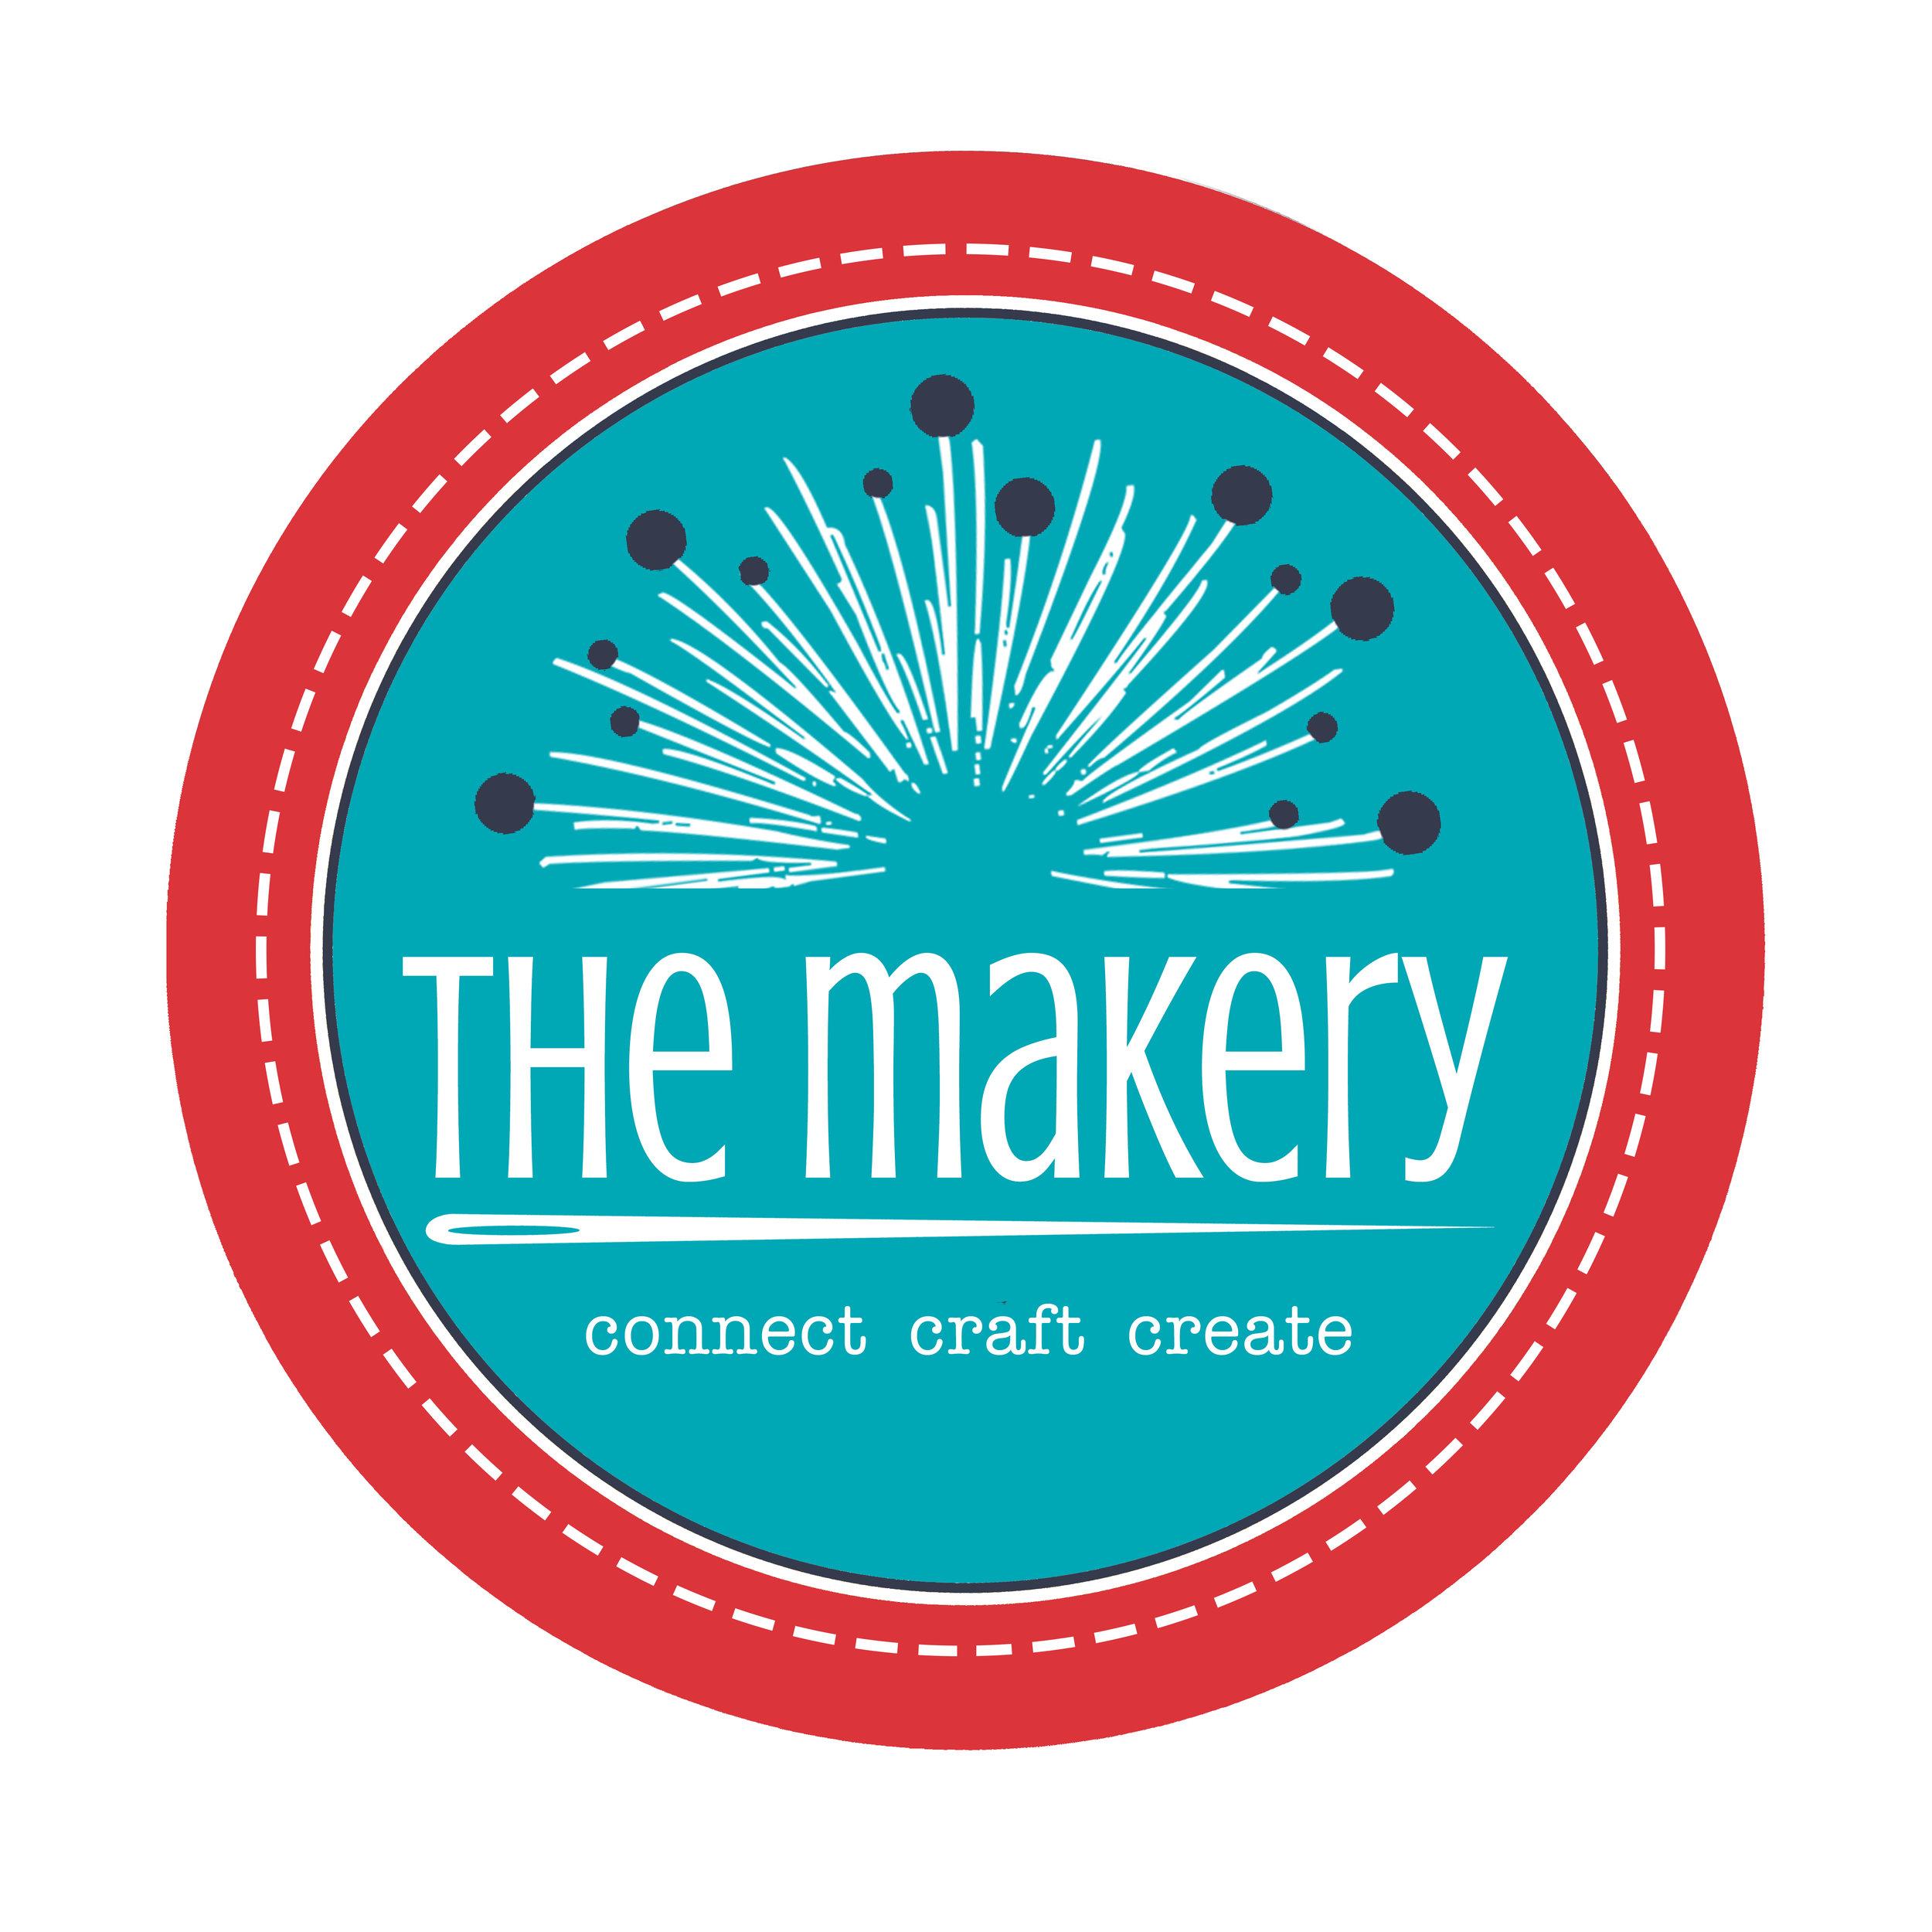 MakeryRoundLogo (1).jpg